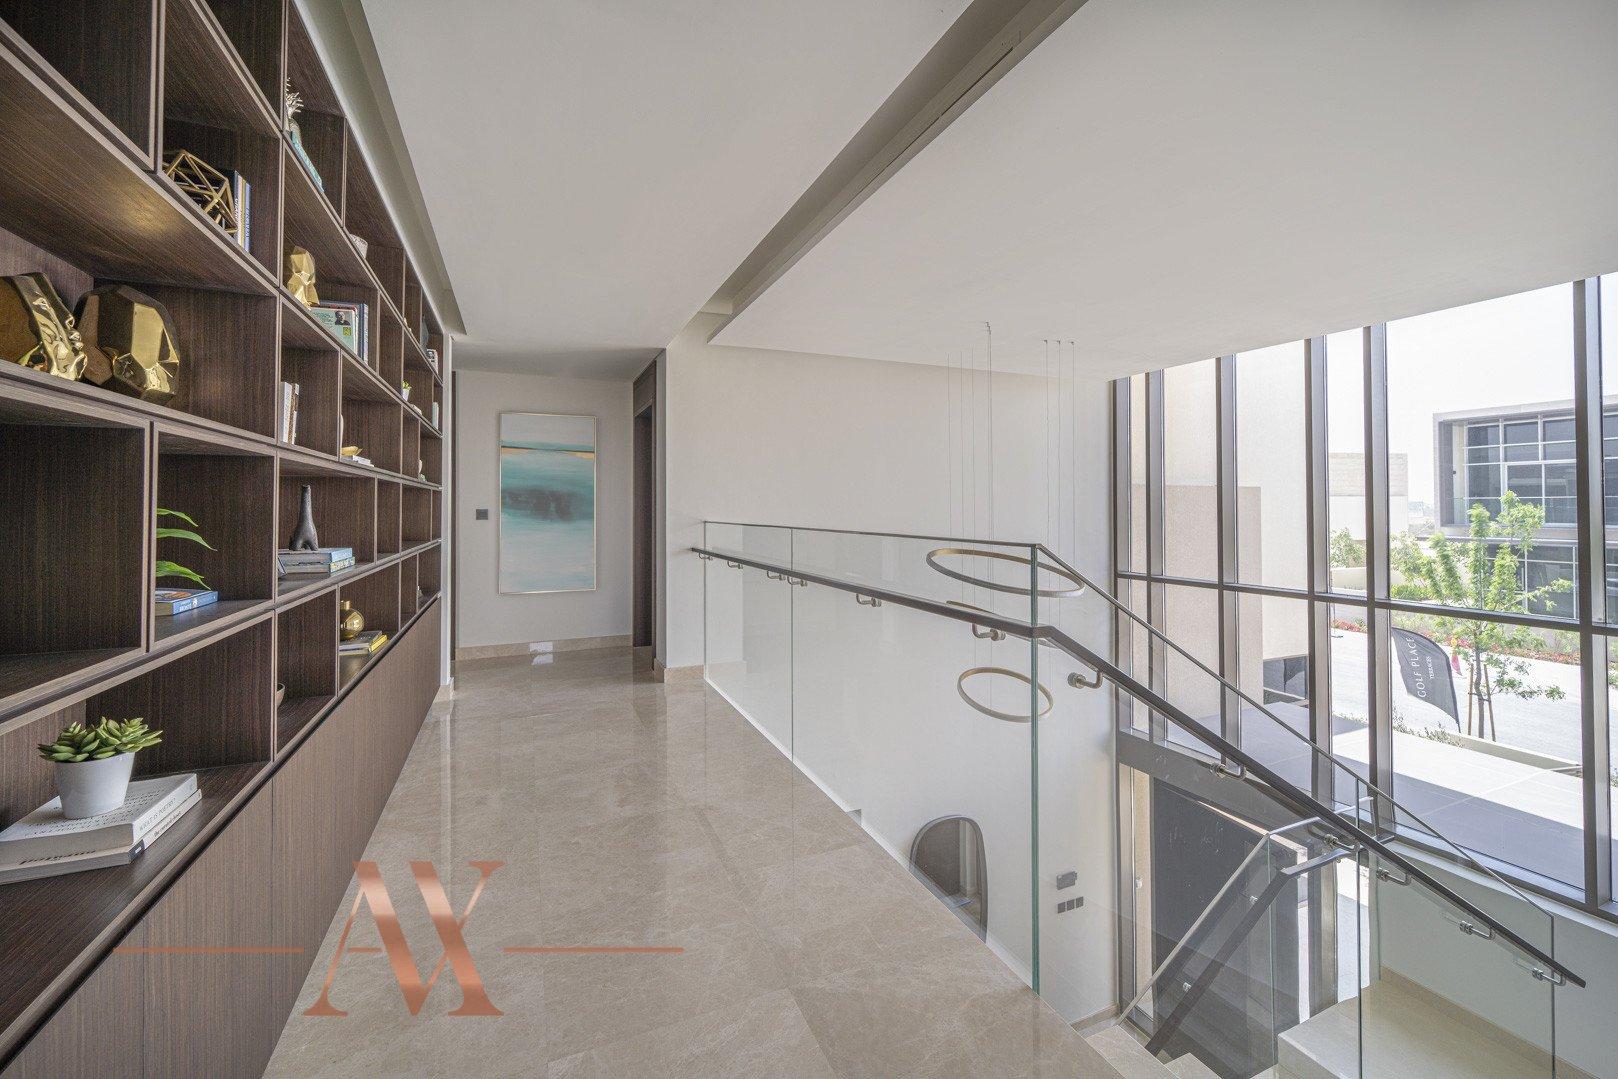 Villa en venta en Dubai, EAU, 4 dormitorios, 659.6 m2, № 23710 – foto 12